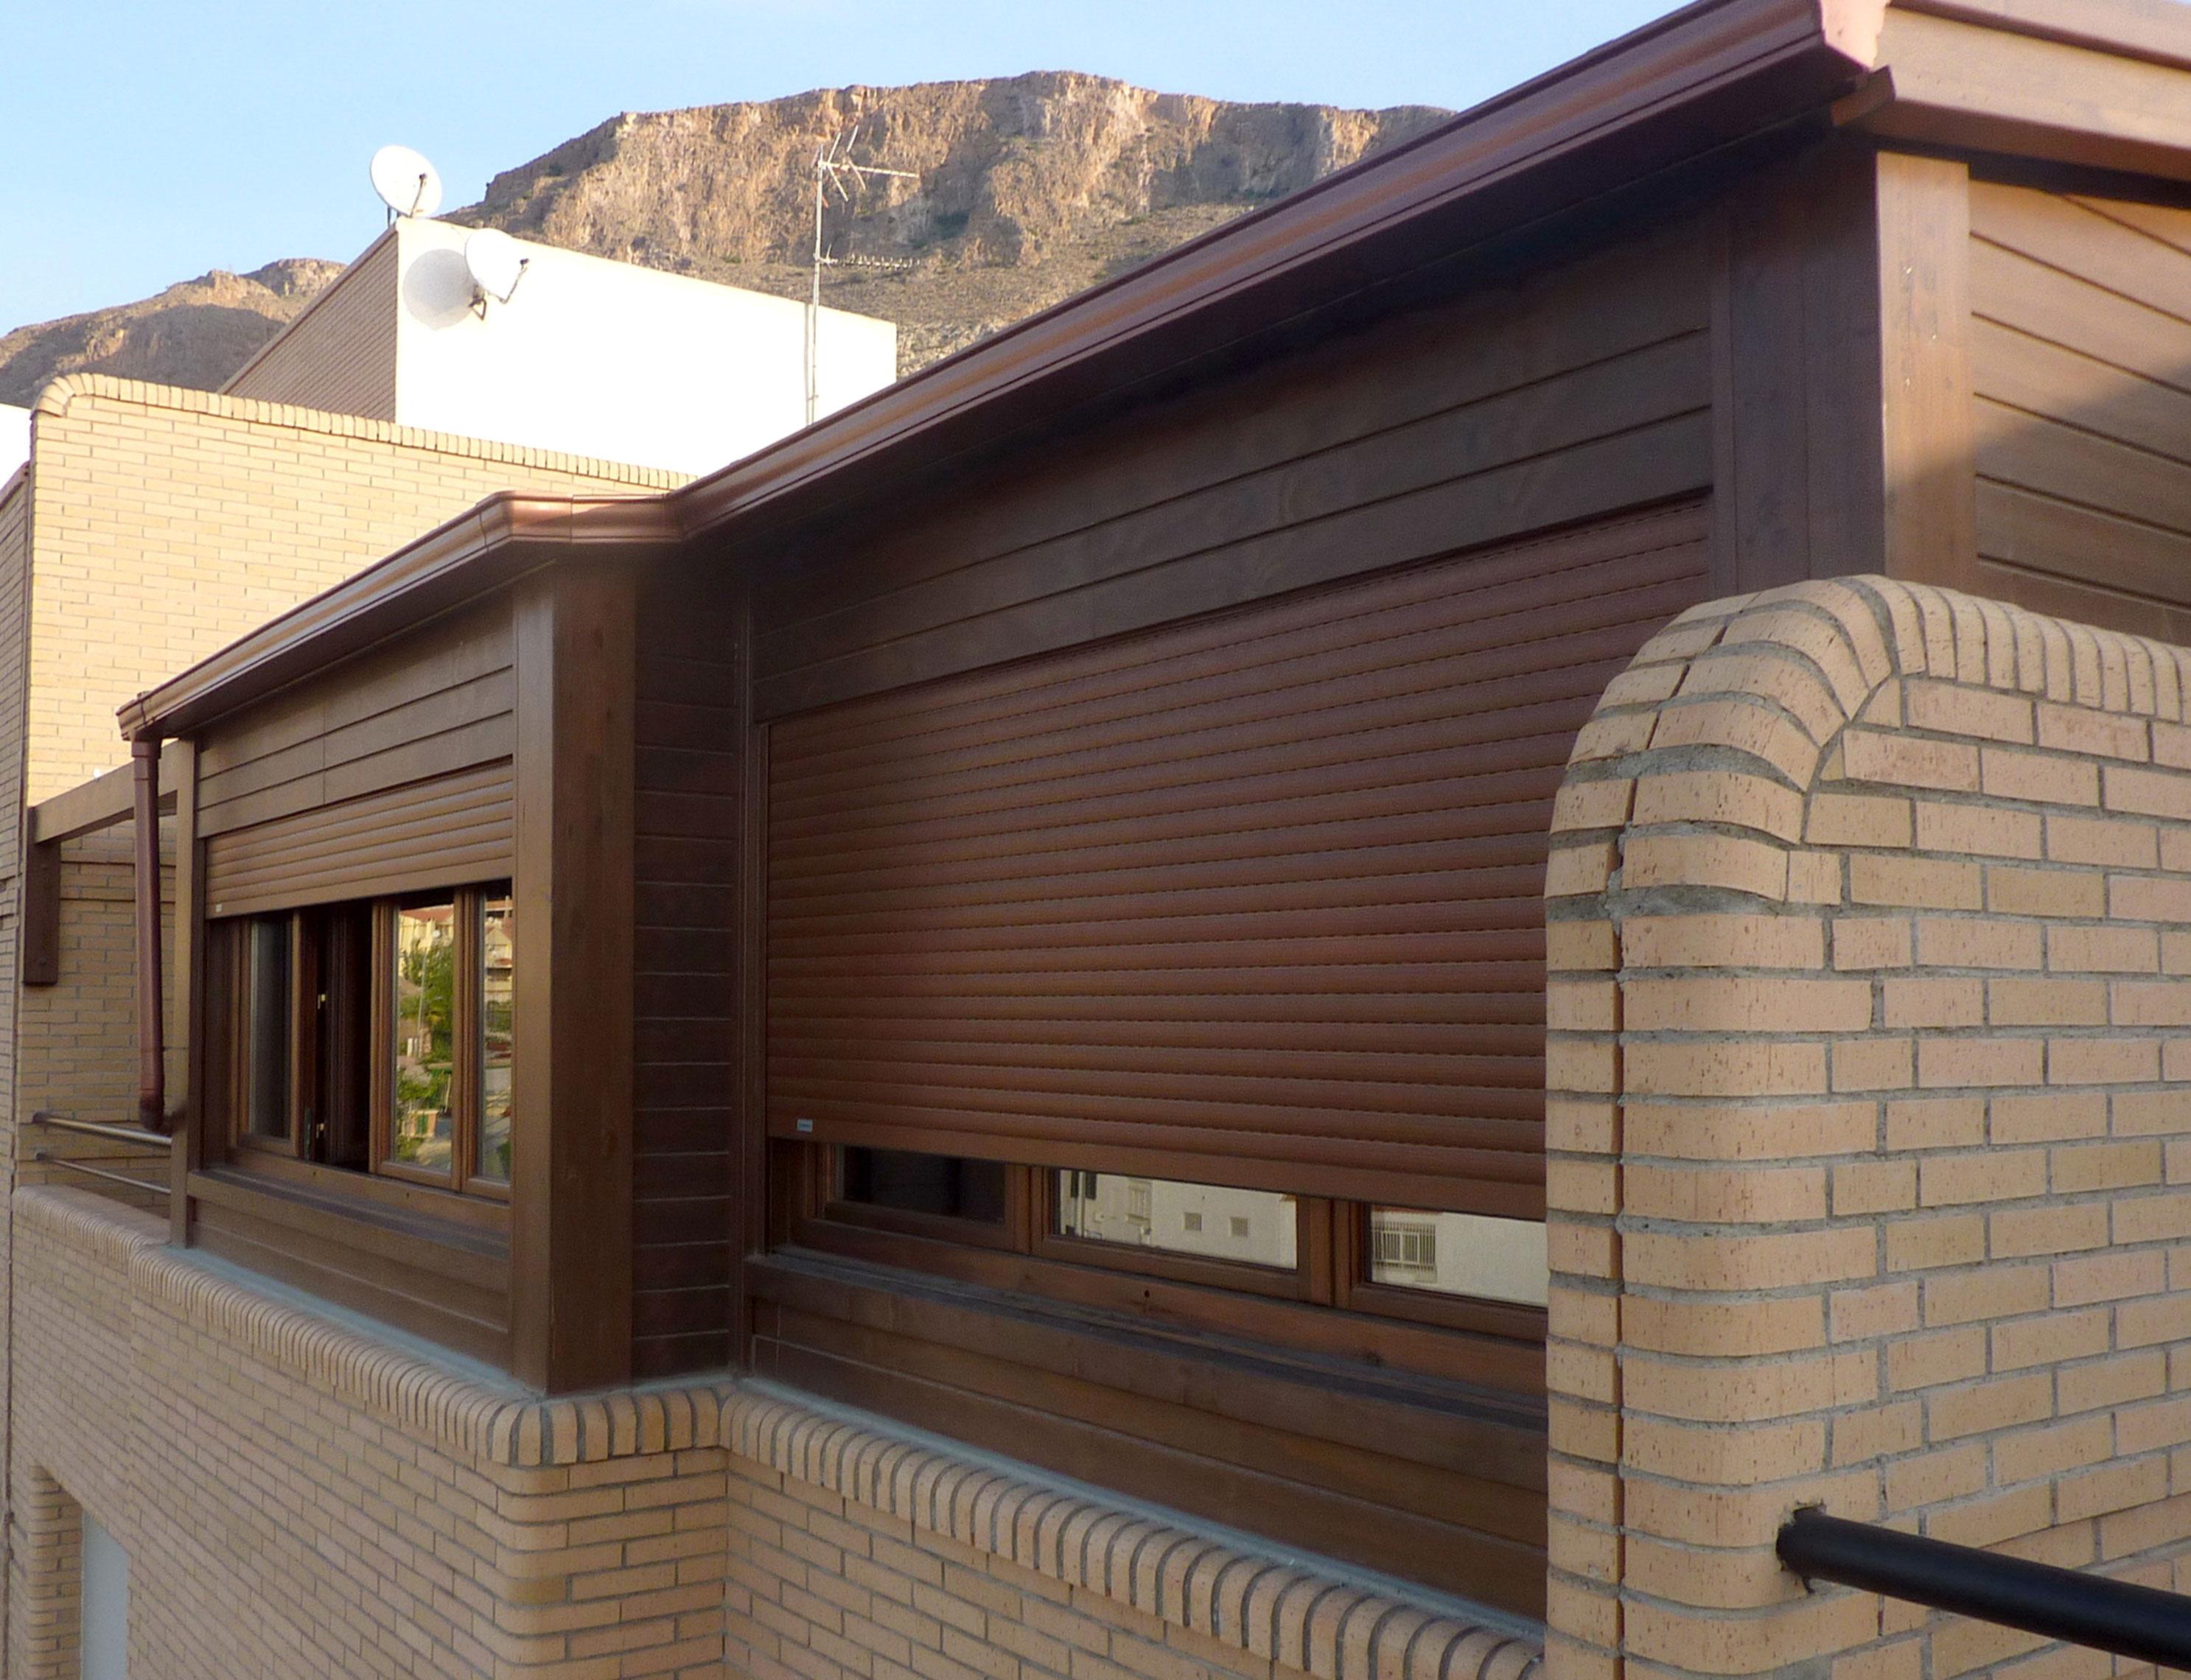 Cerramientos de madera para aticos benoit roubaud - Construir habitacion en terraza de atico ...